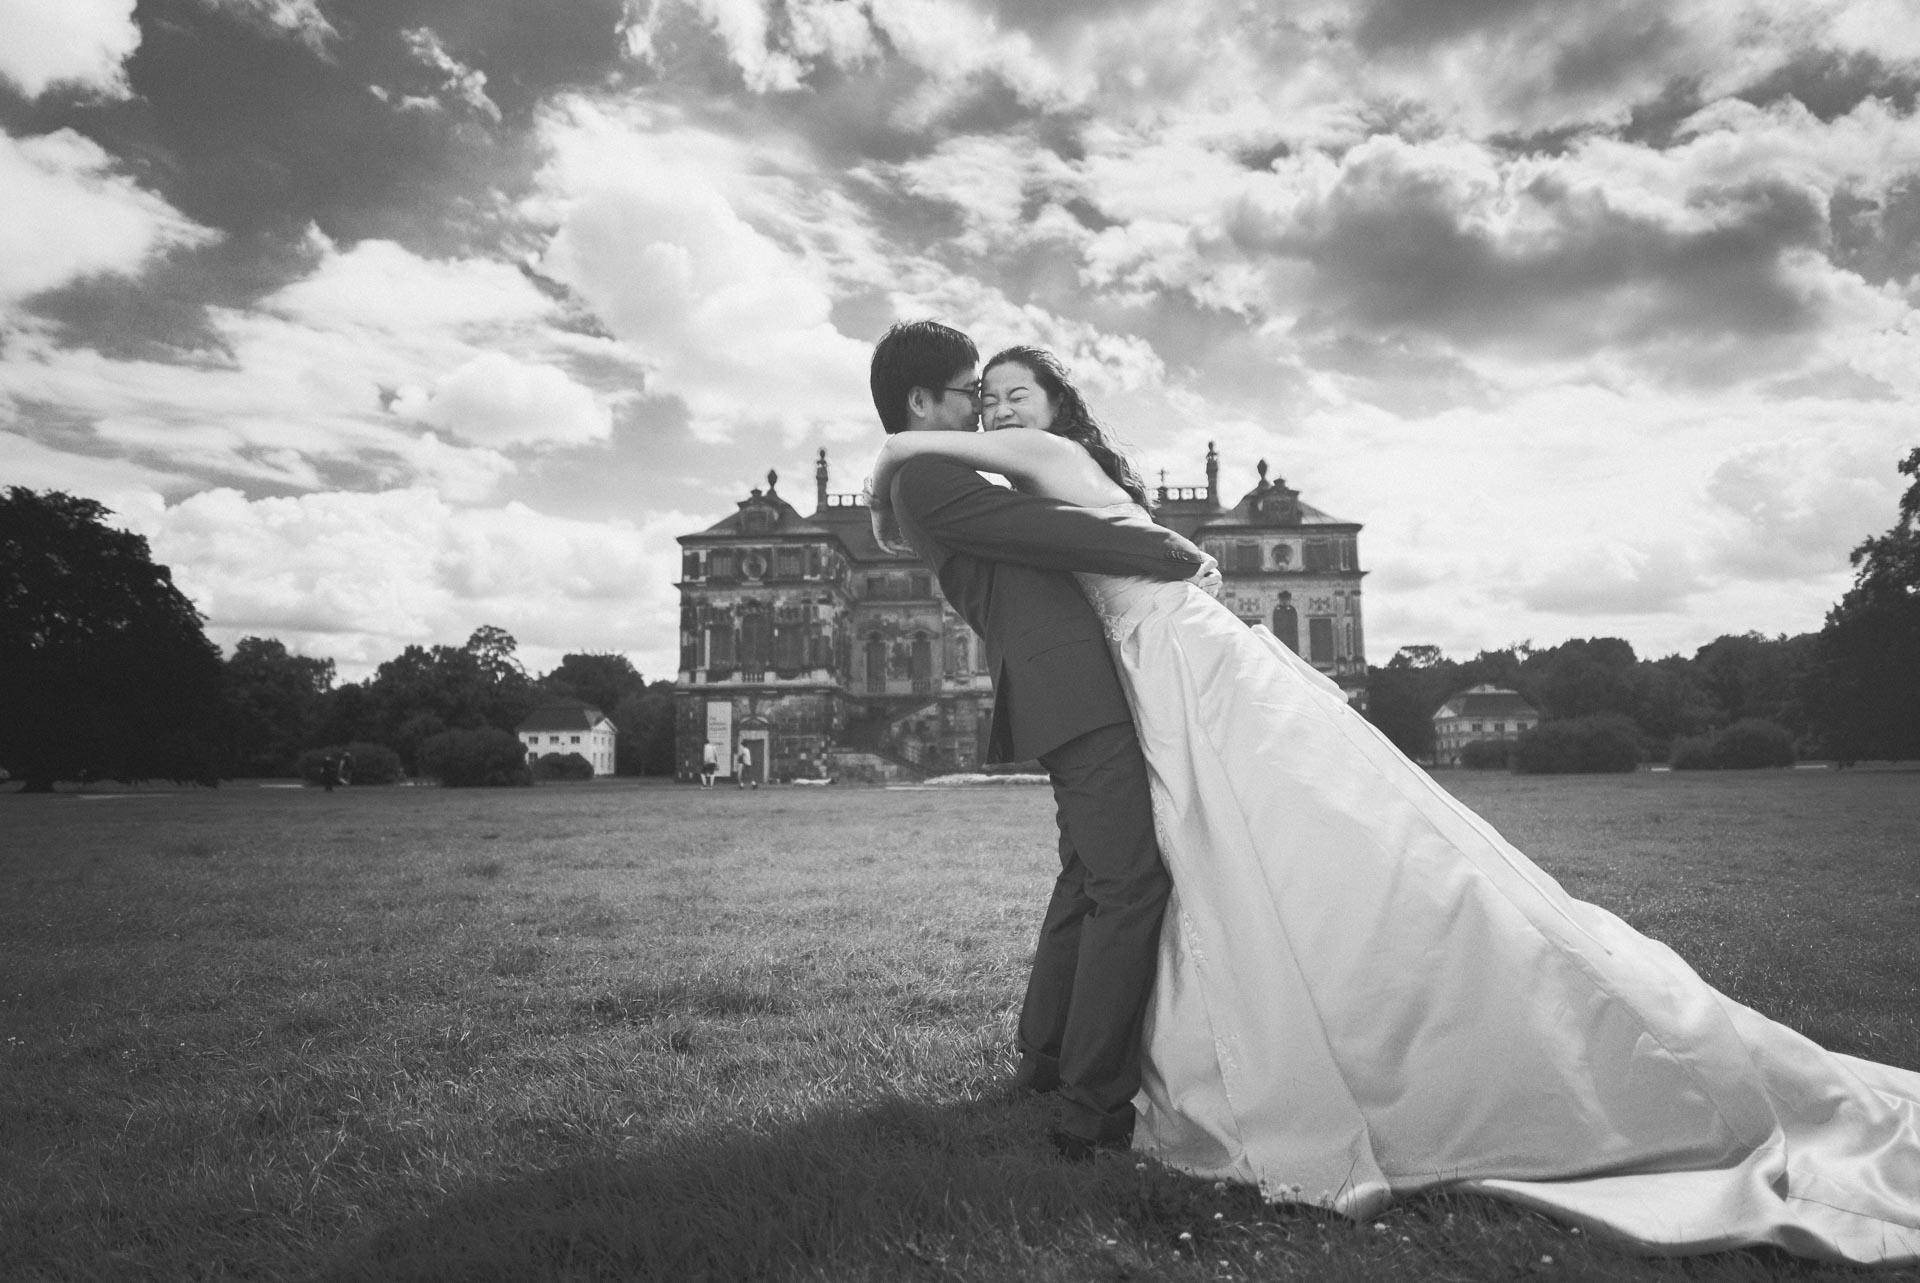 Hochzeitsfotograf Dresden - Hochzeitsfotografie